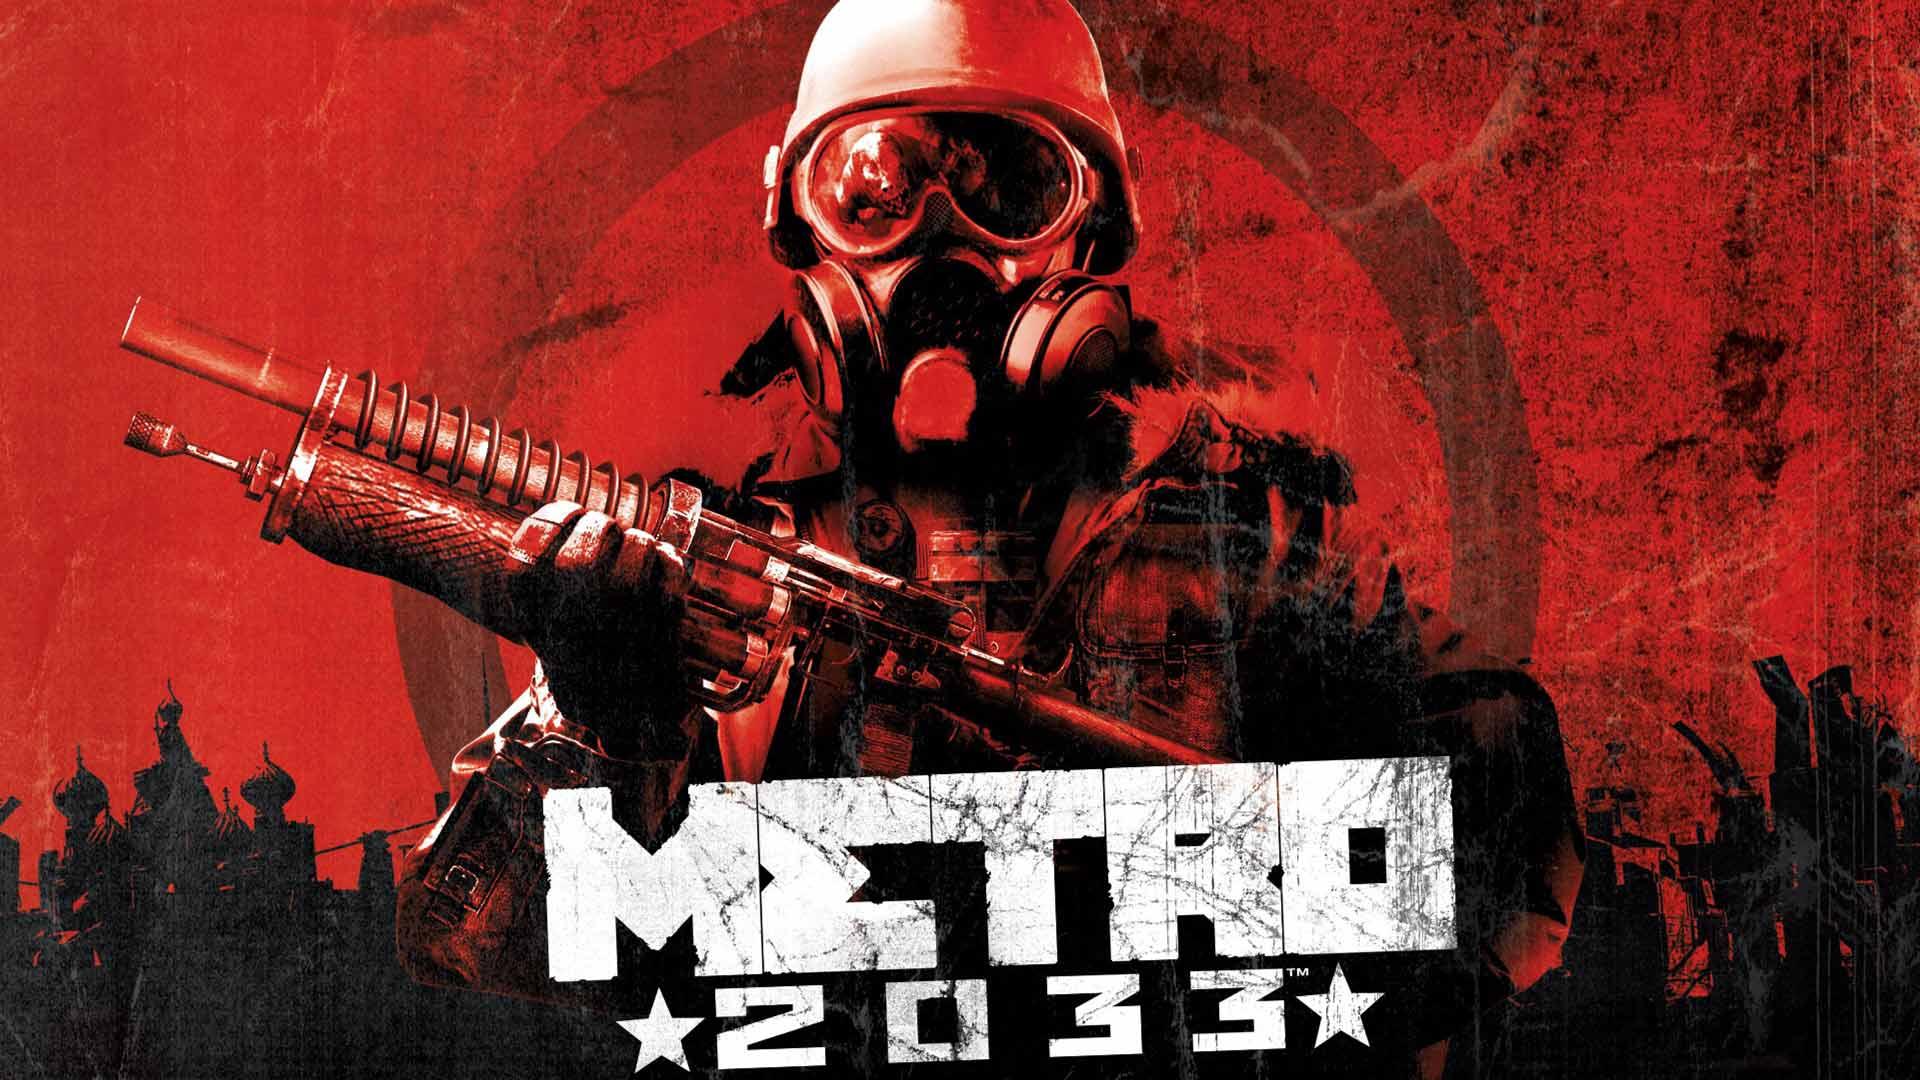 La adaptación cinematográfica de Metro 2033 ha sido descartada